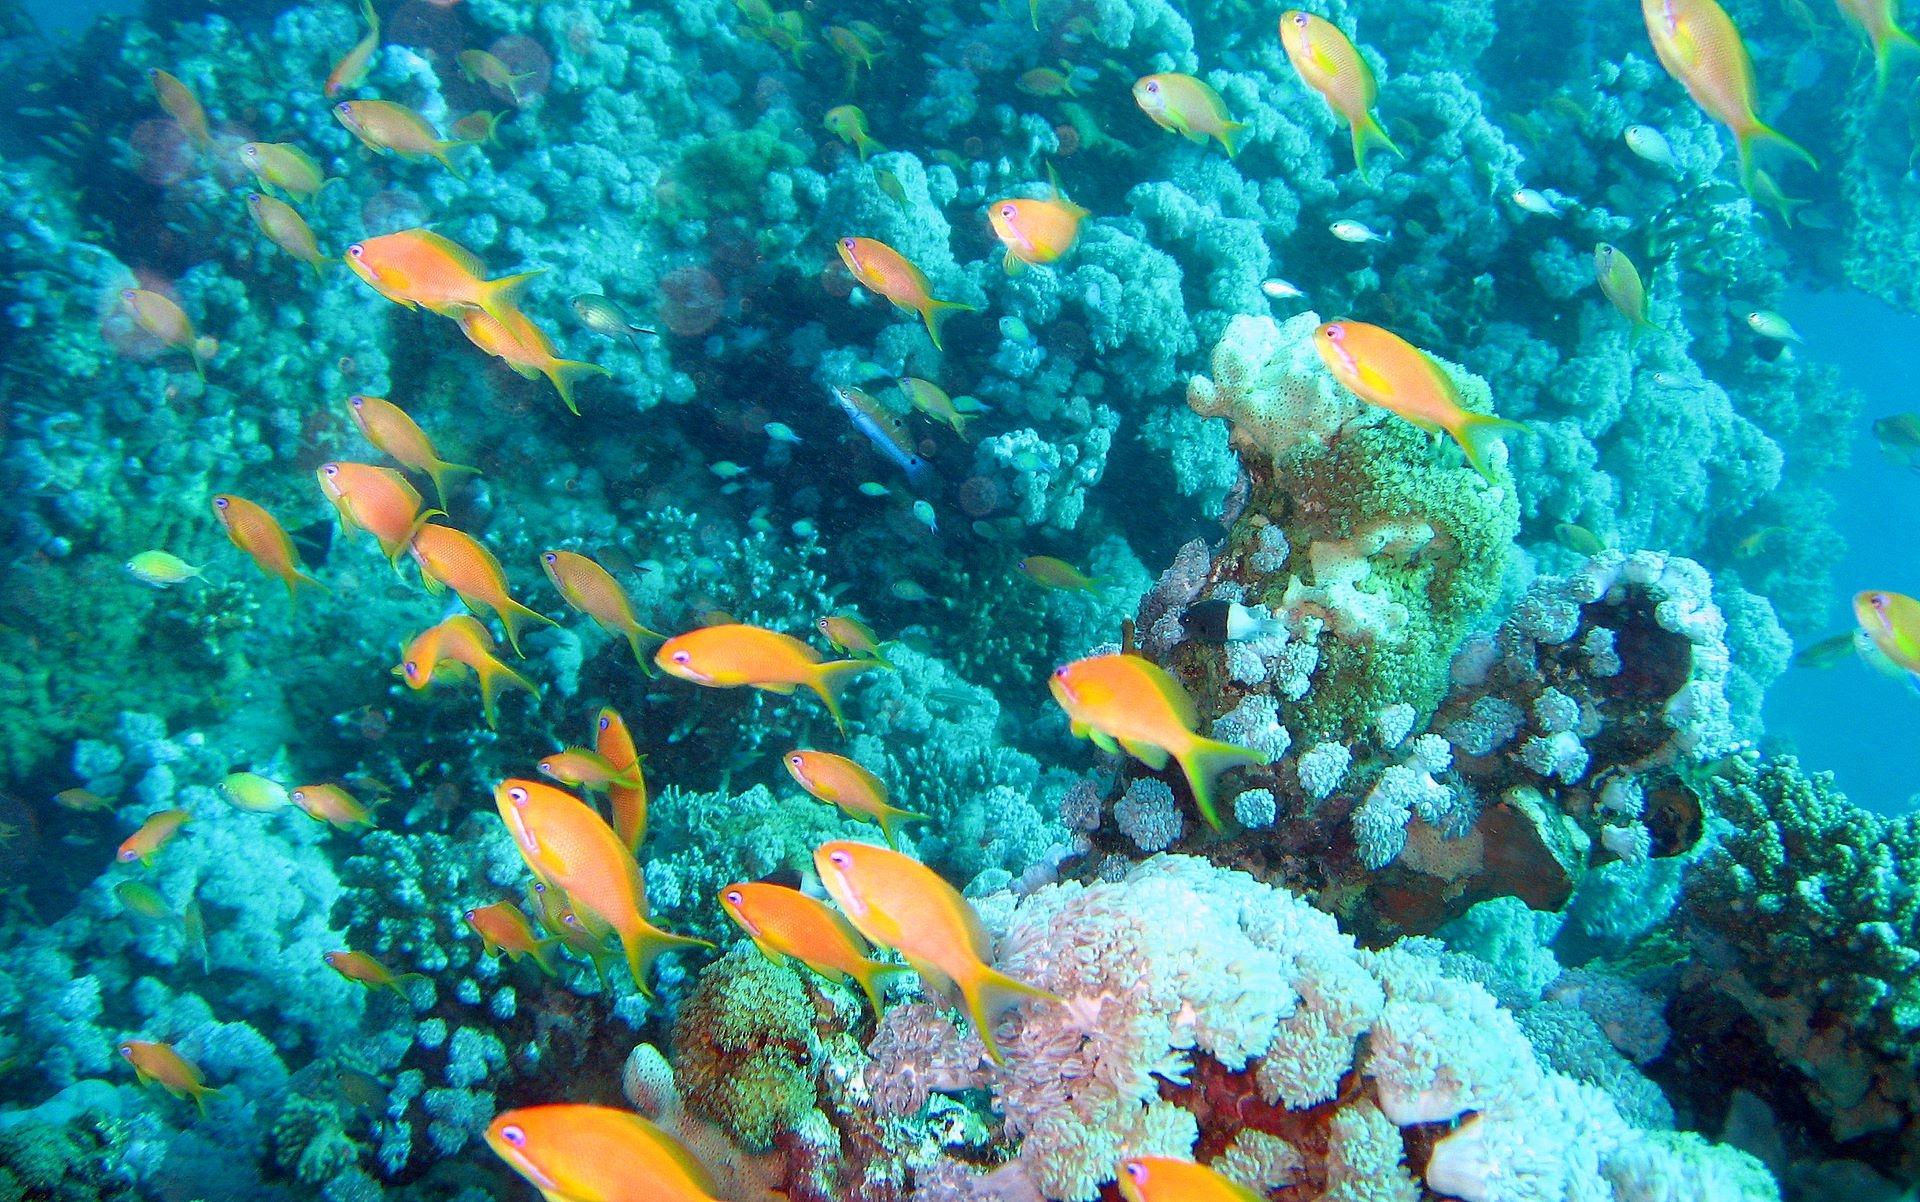 Картинка рыбы в аквариуме - eef